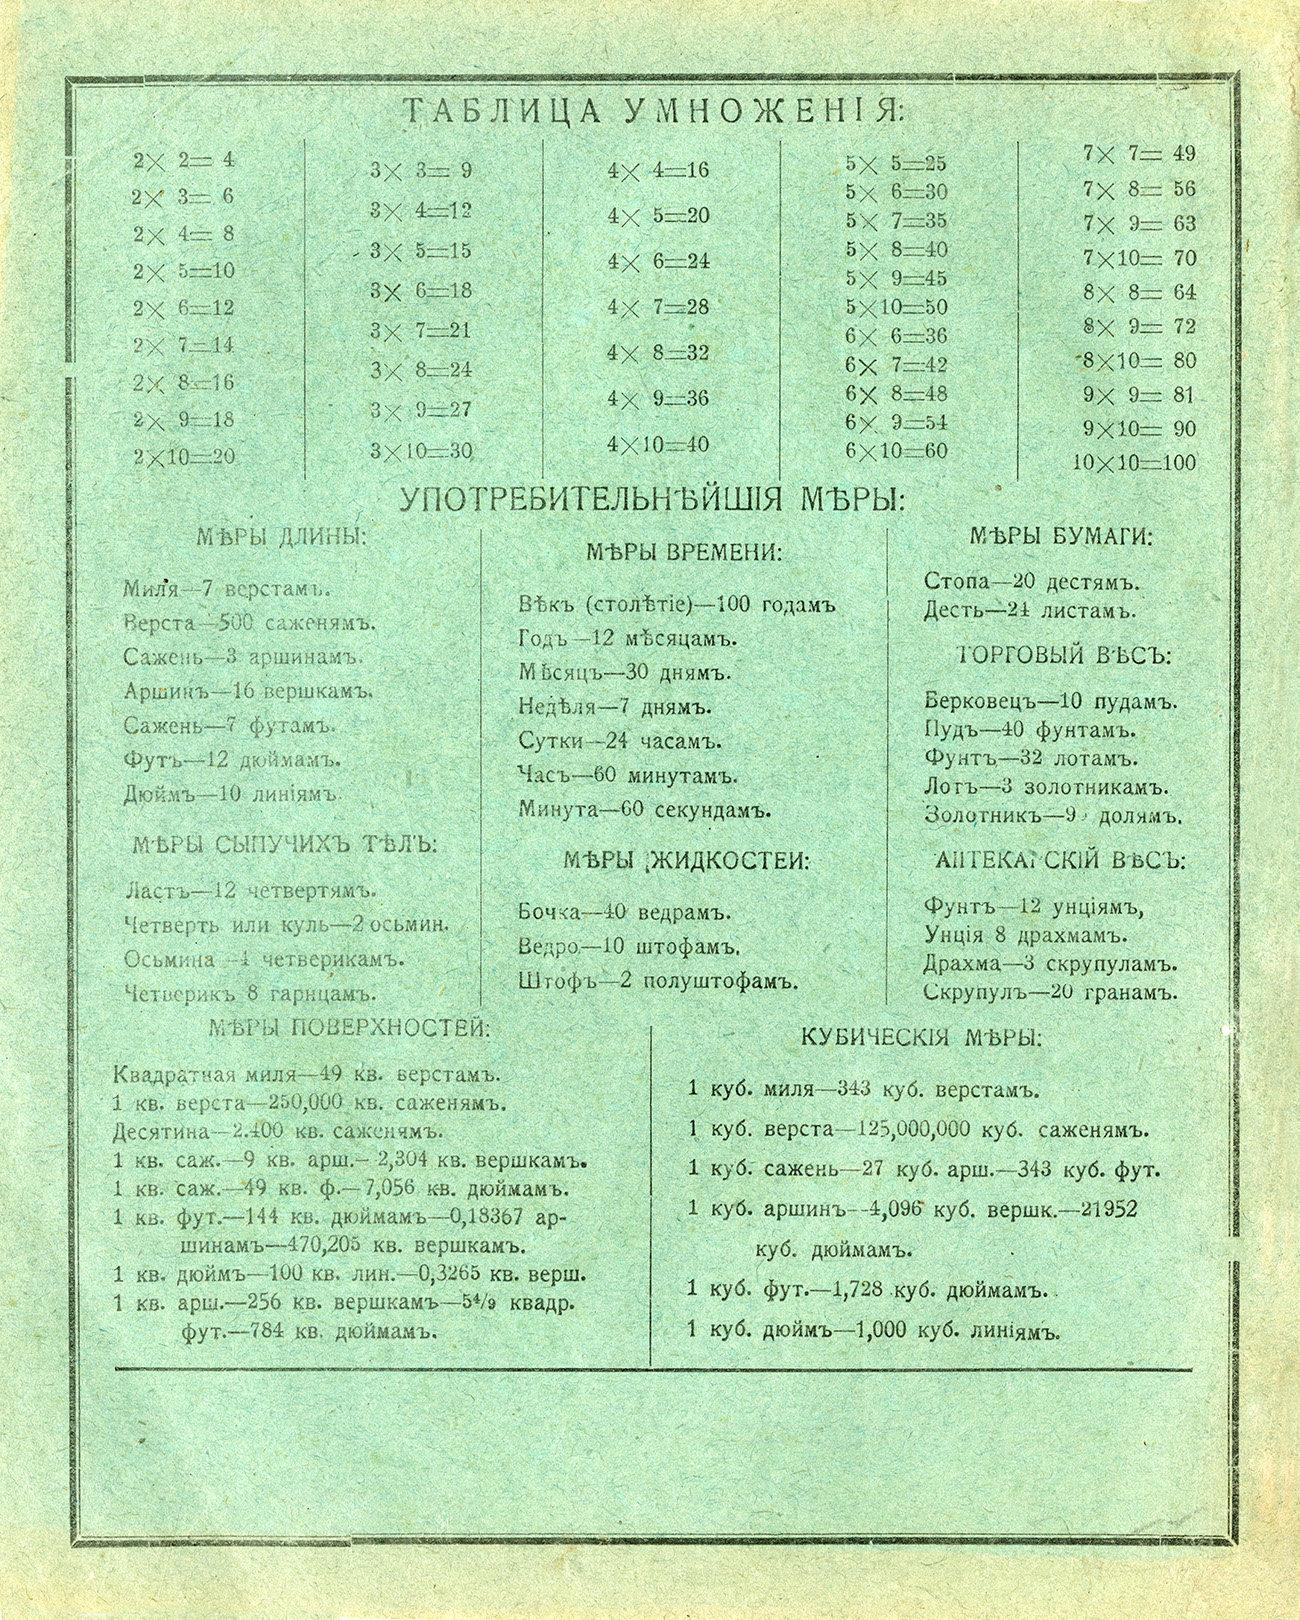 """Тетрадь """"Гоголь"""", 1914, оборот"""